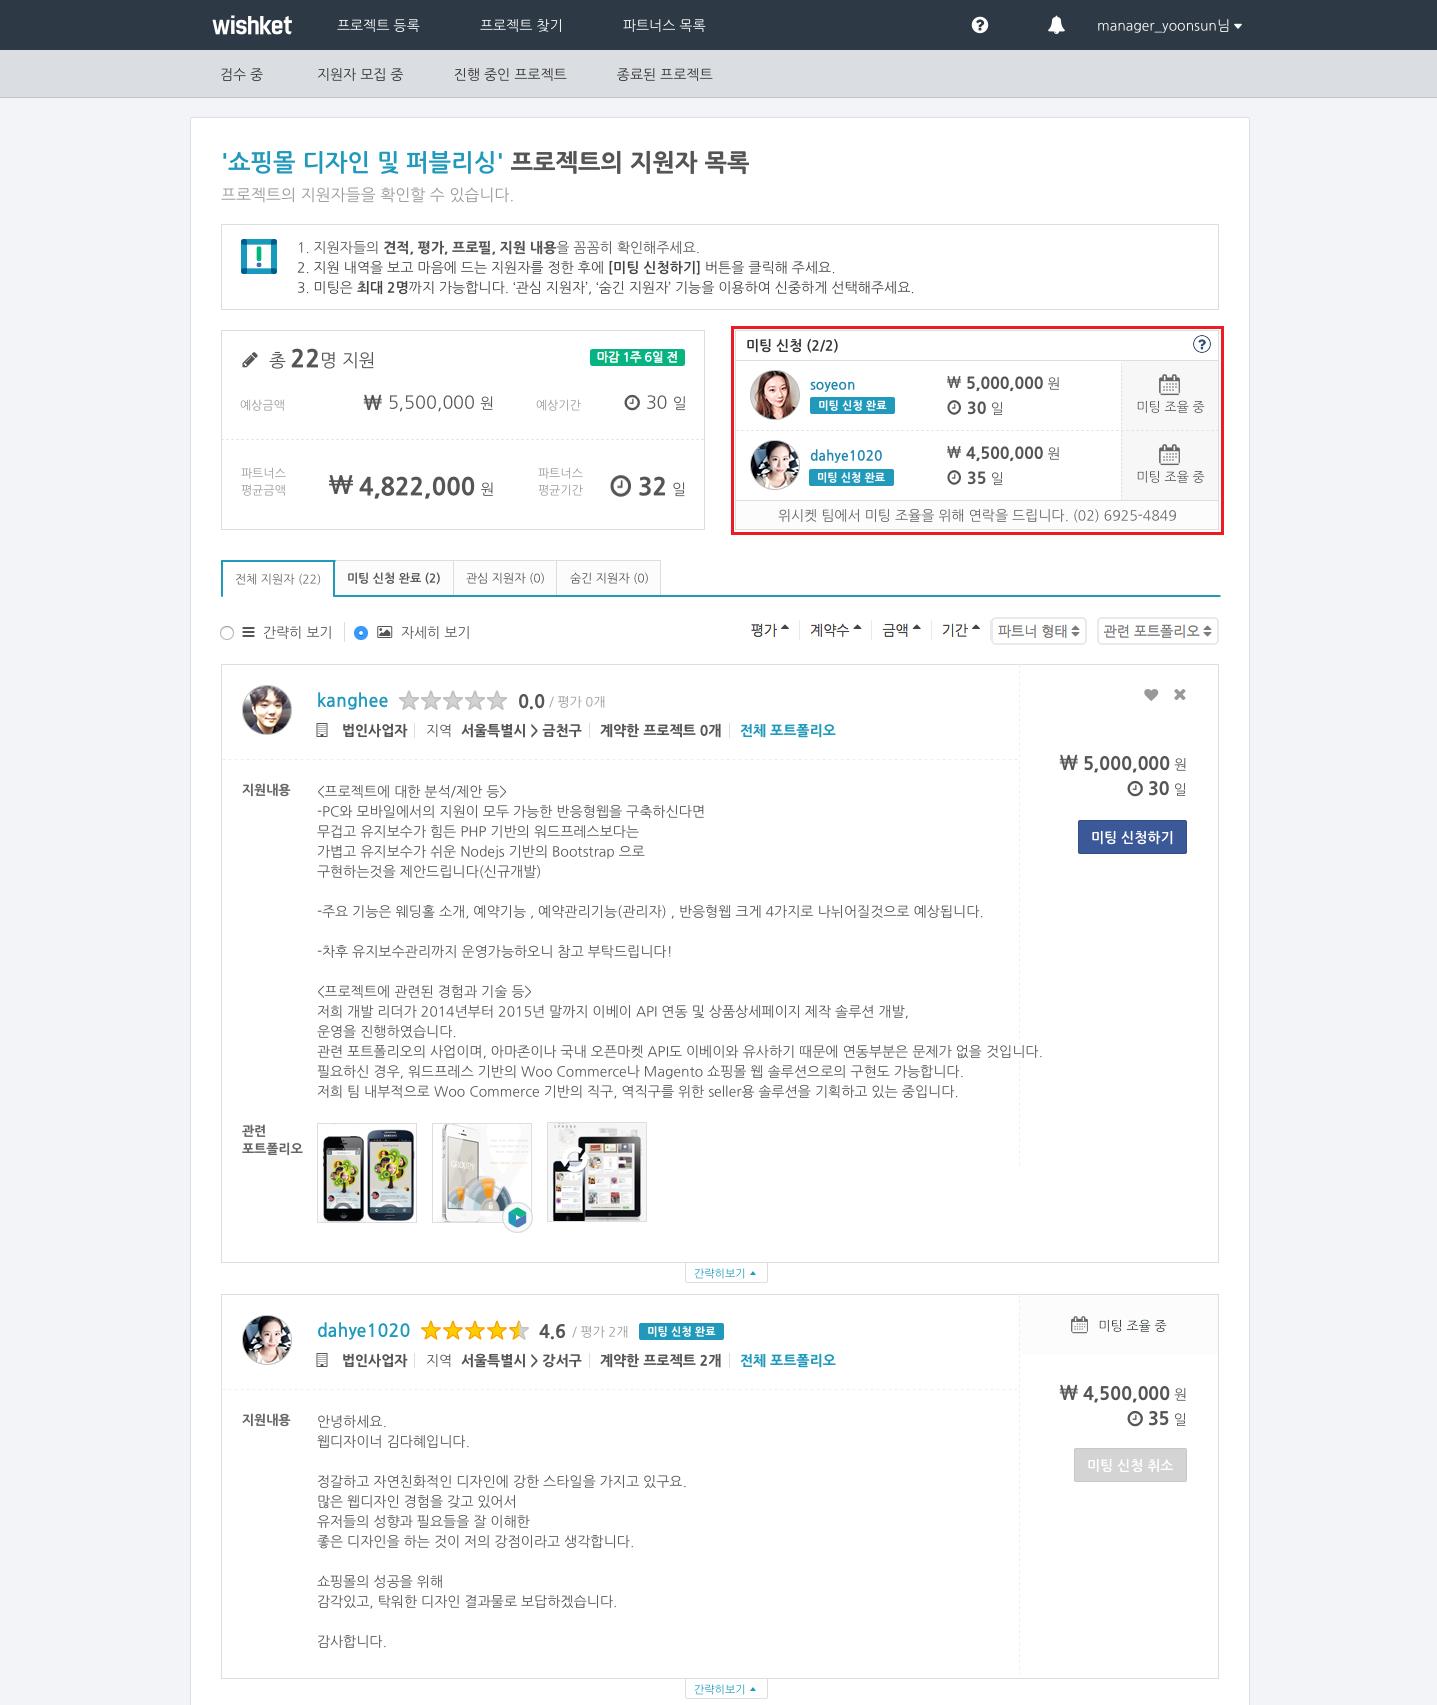 20160809_위시켓_업데이트_미팅_1